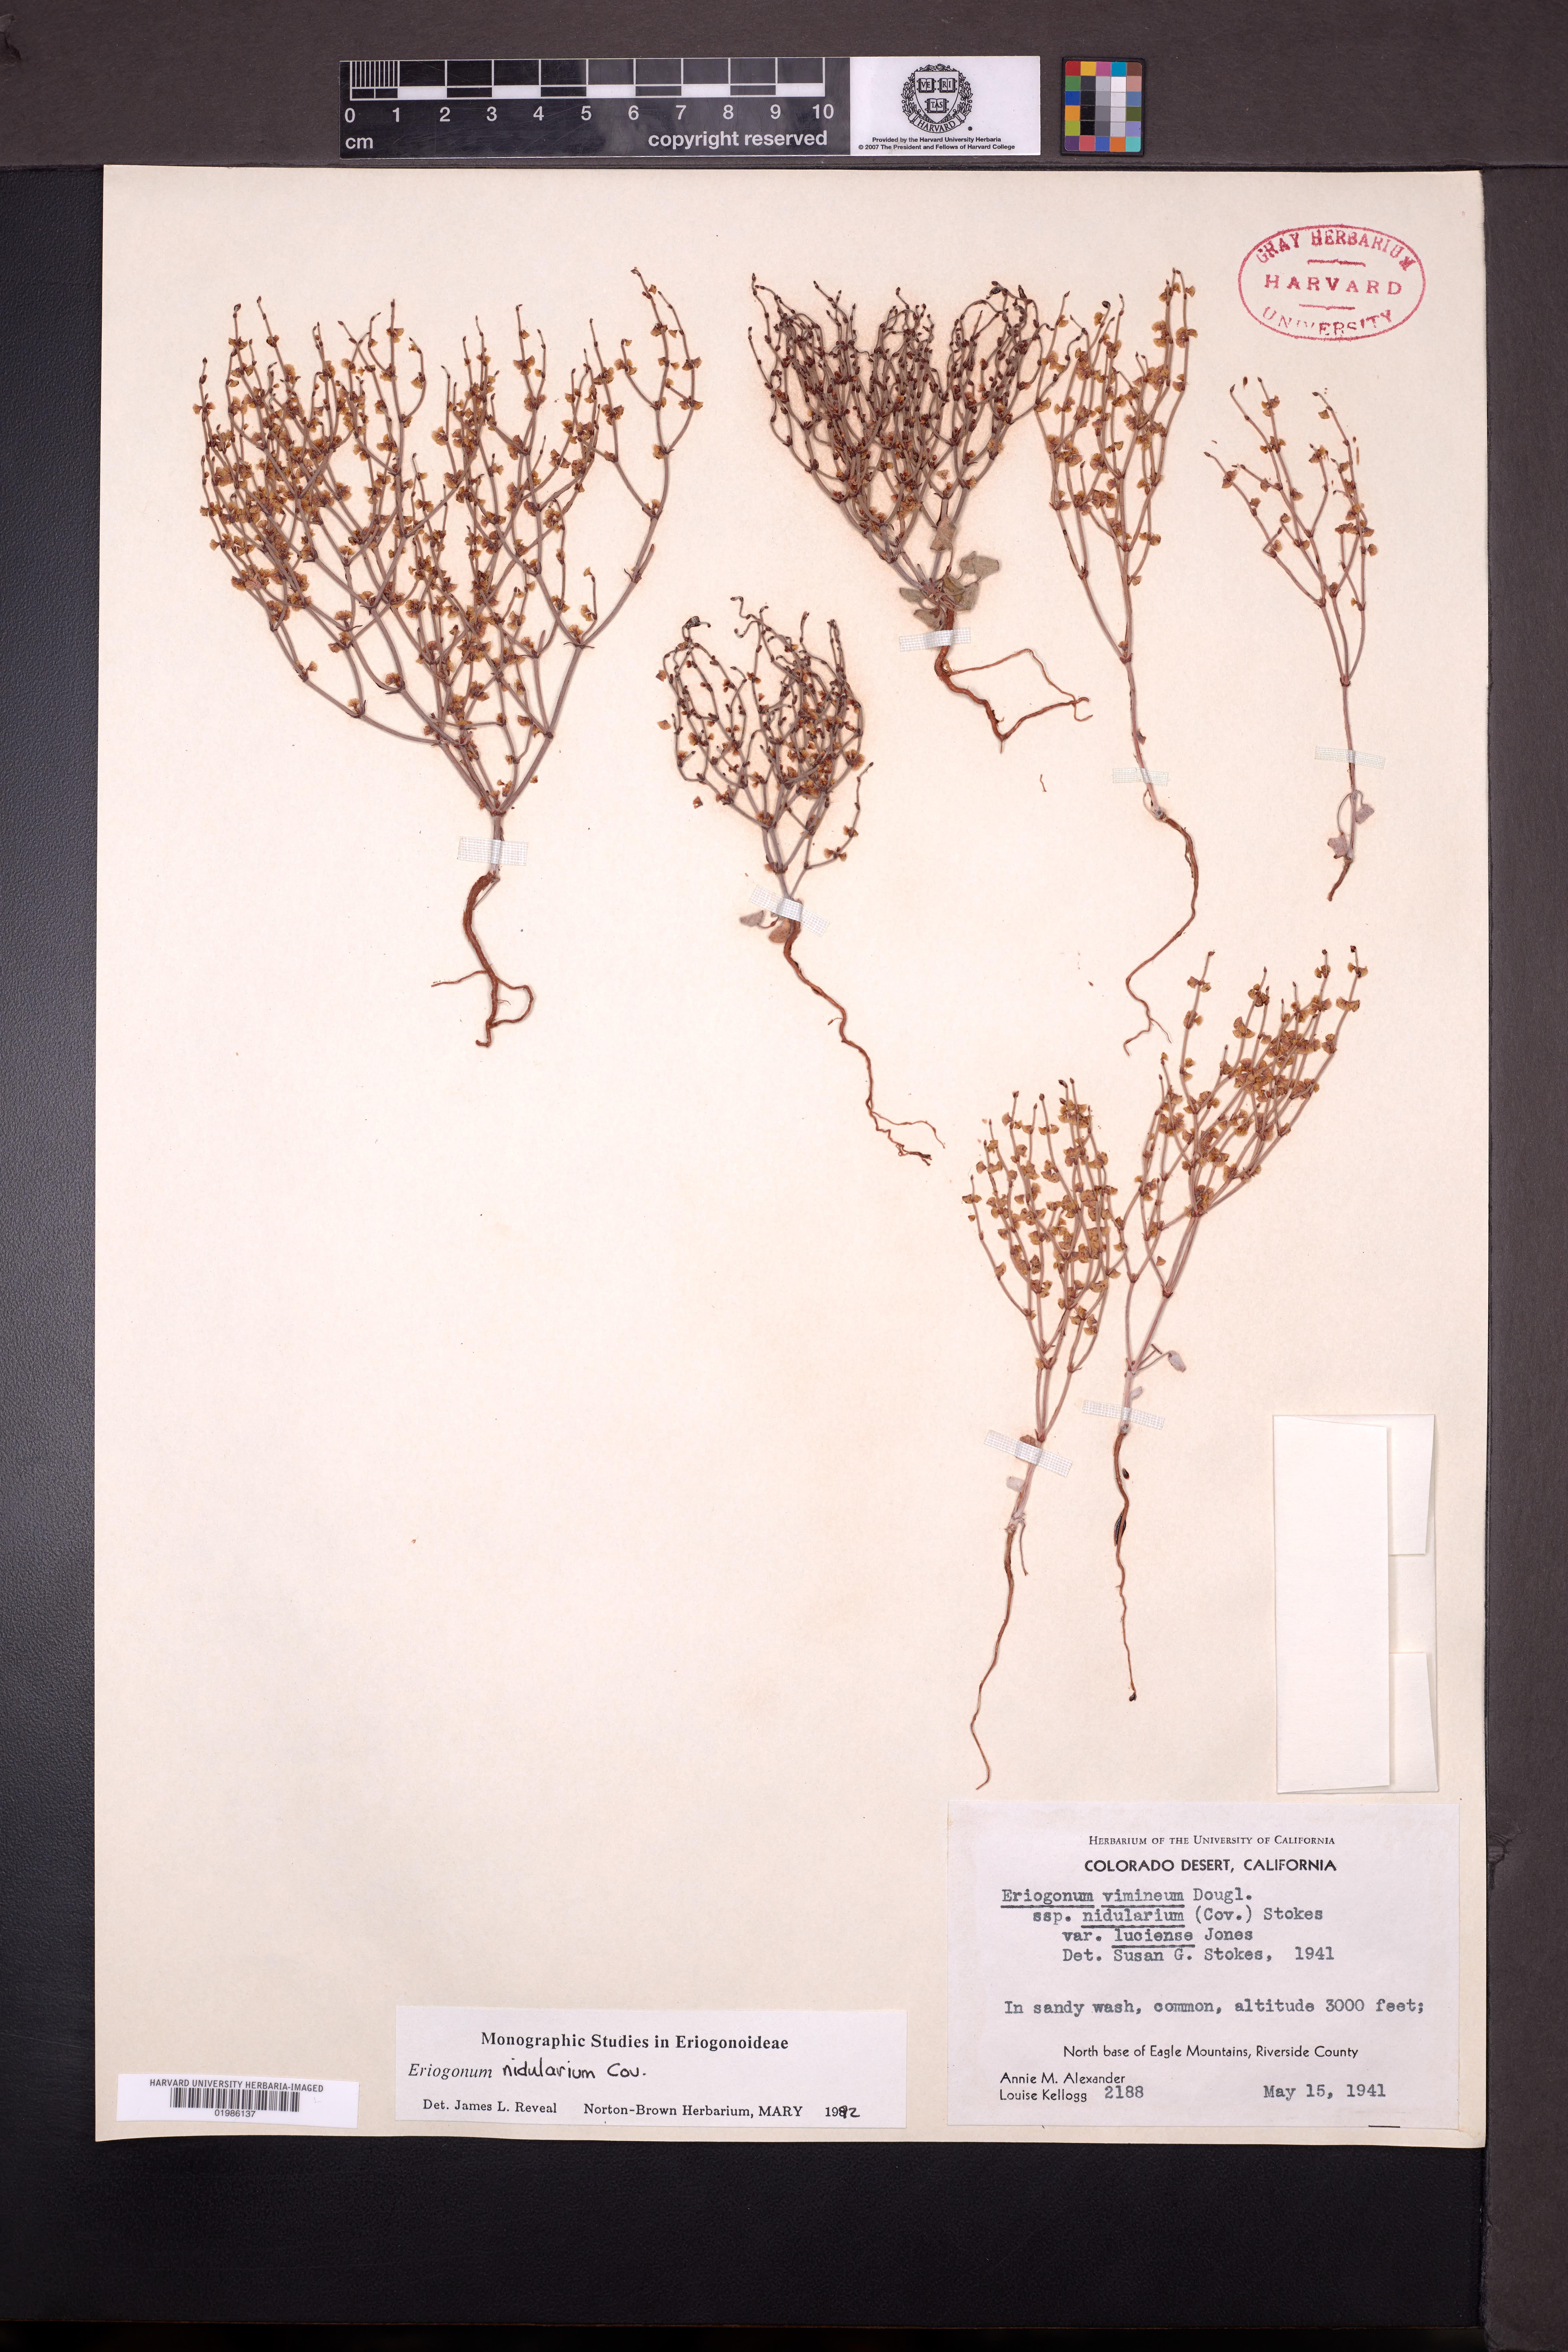 Eriogonum nidularium image